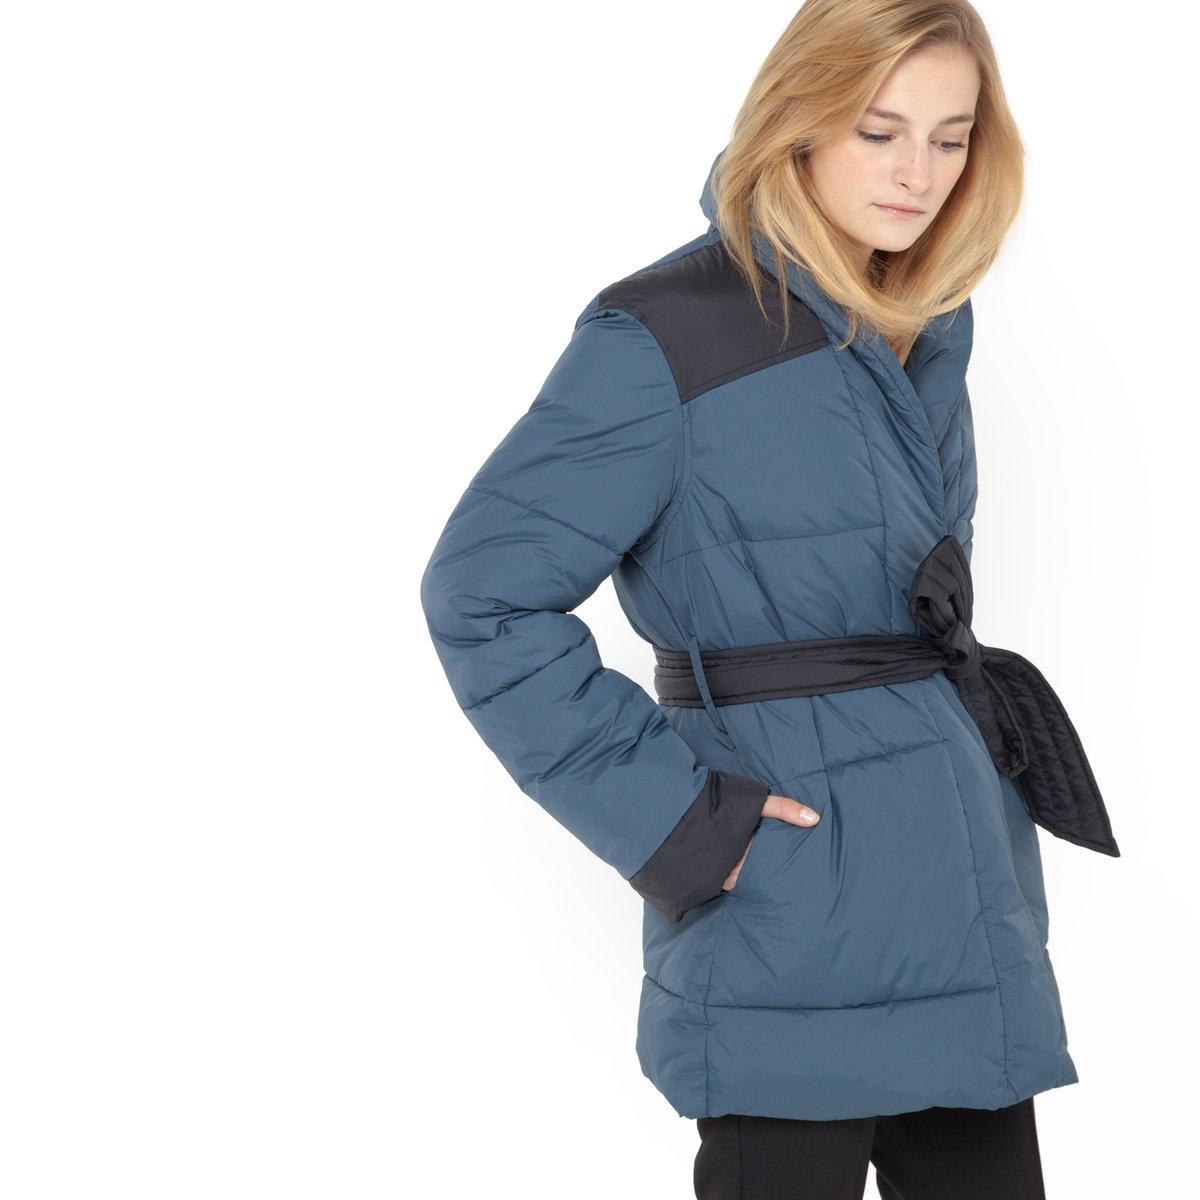 Куртка стеганая длиннаяДлинная стеганая куртка с поясом. Фасон кимоно. 2 кармана. Застежка на 1 кнопку. 100% полиамида, подкладка: 100% полиэстера. Длина 80 см.<br><br>Цвет: темно-синий<br>Размер: 38 (FR) - 44 (RUS)